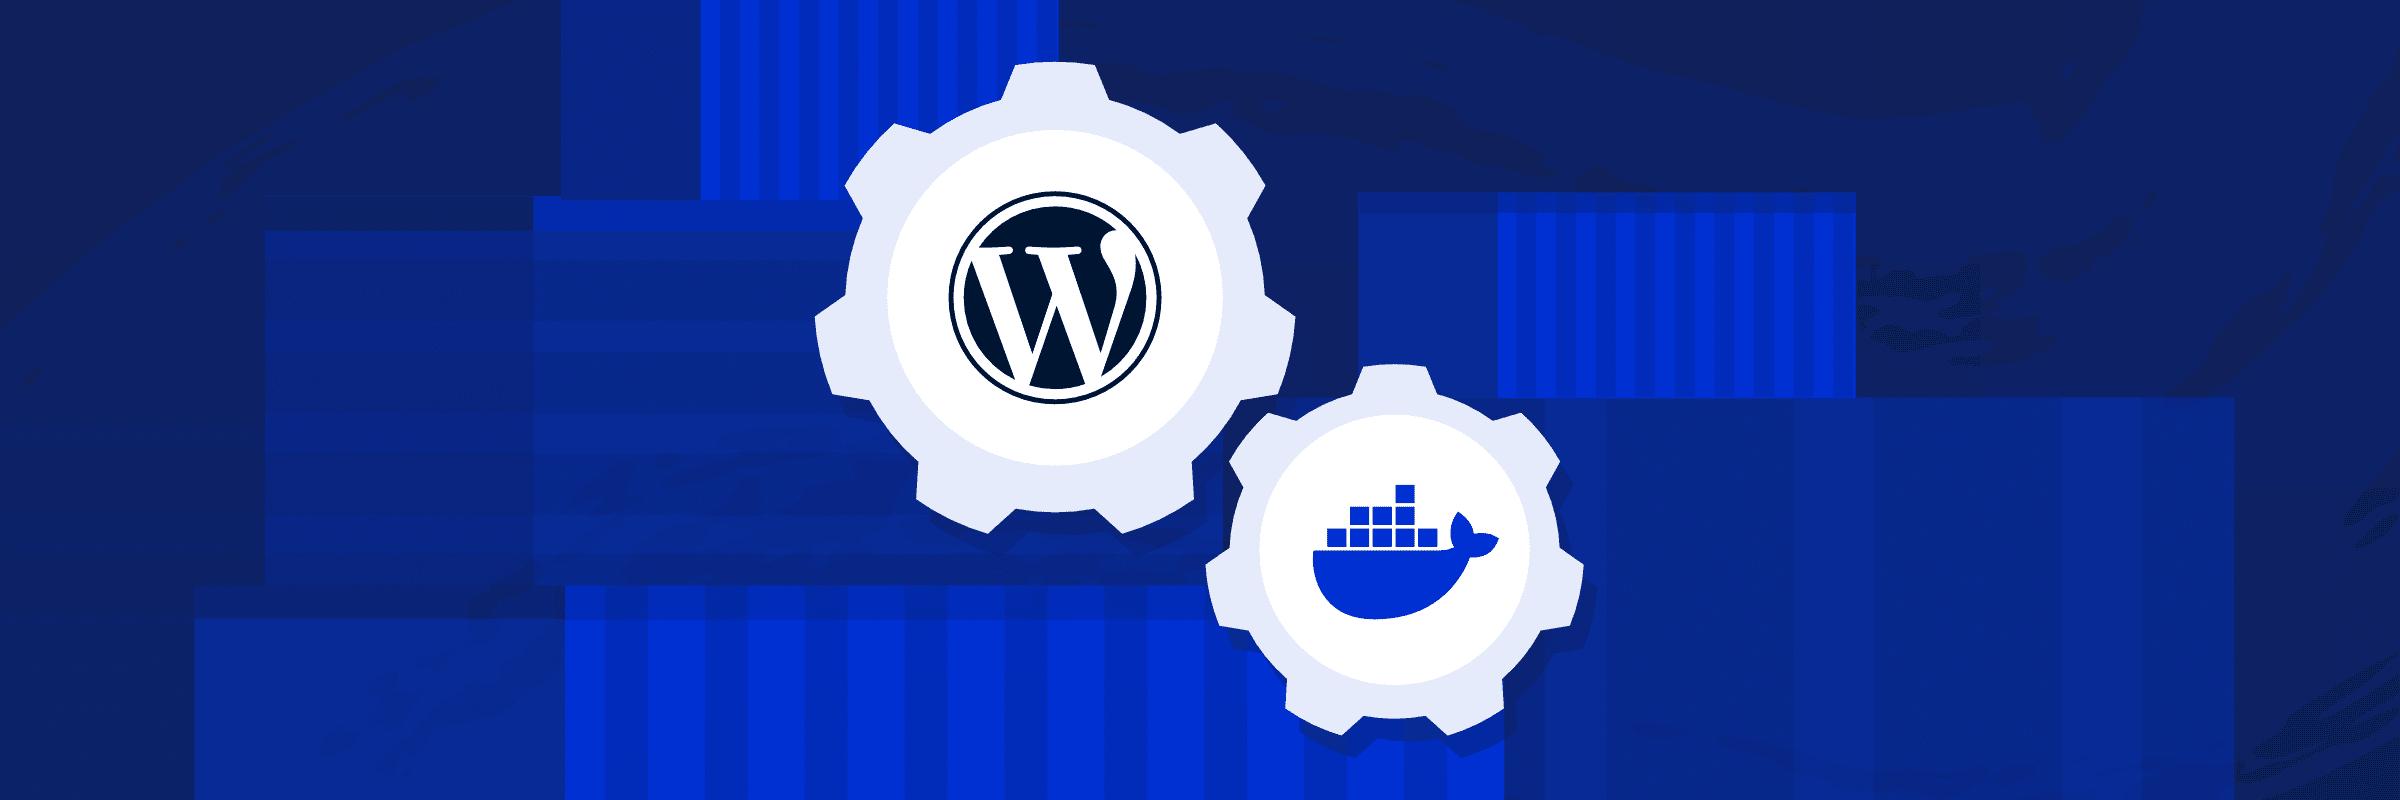 WordPress in Docker. Part 1: Dockerization